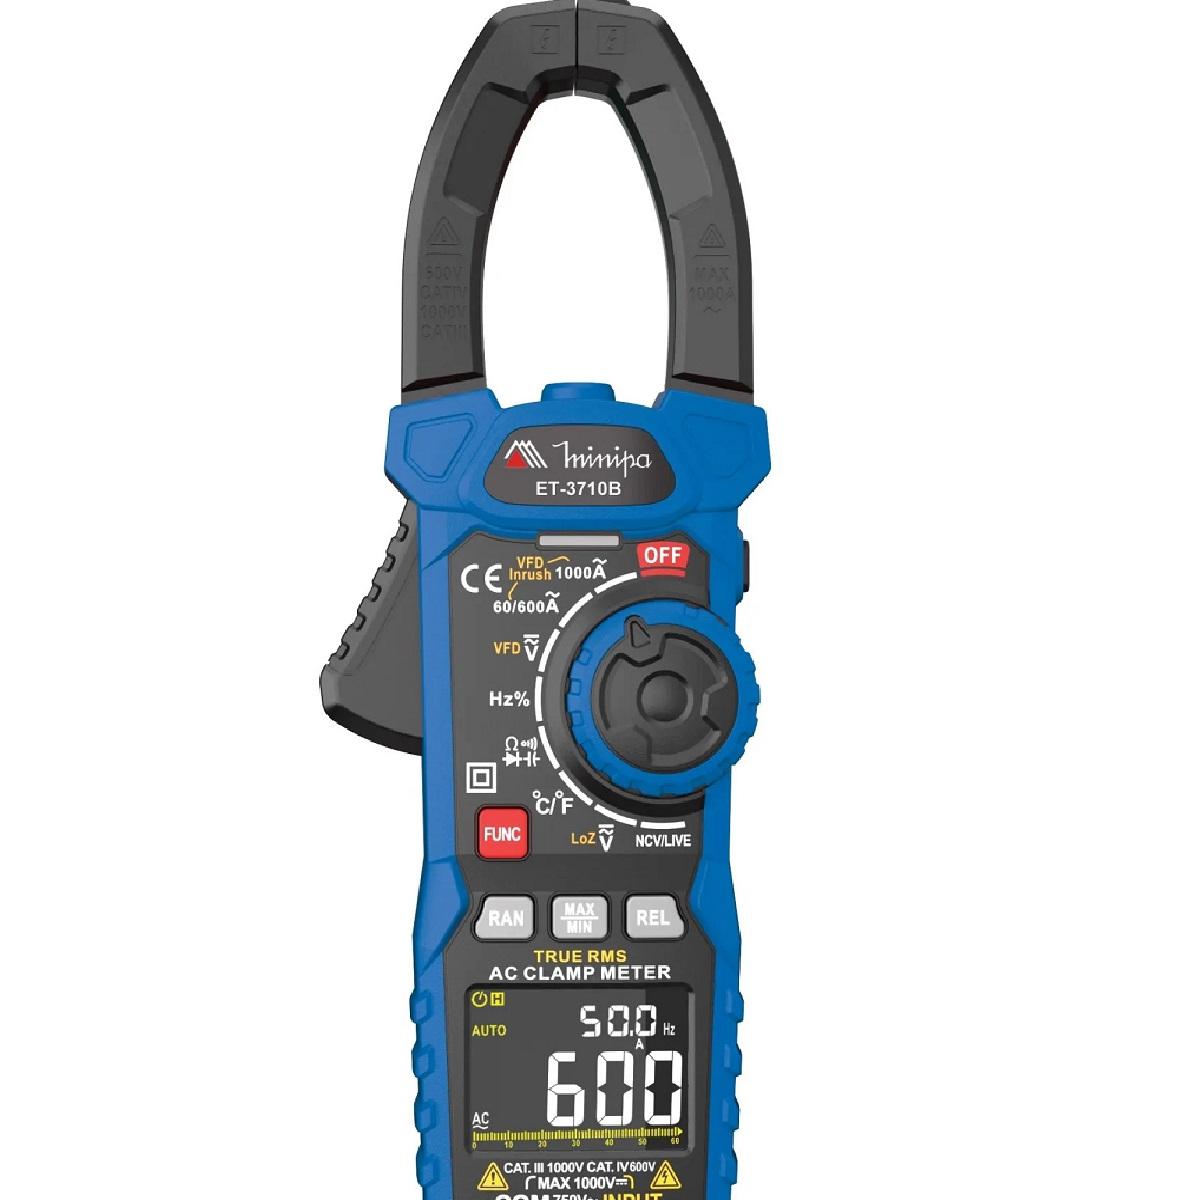 Alicate amperimetro digital ET-3710B  - EMPORIO K